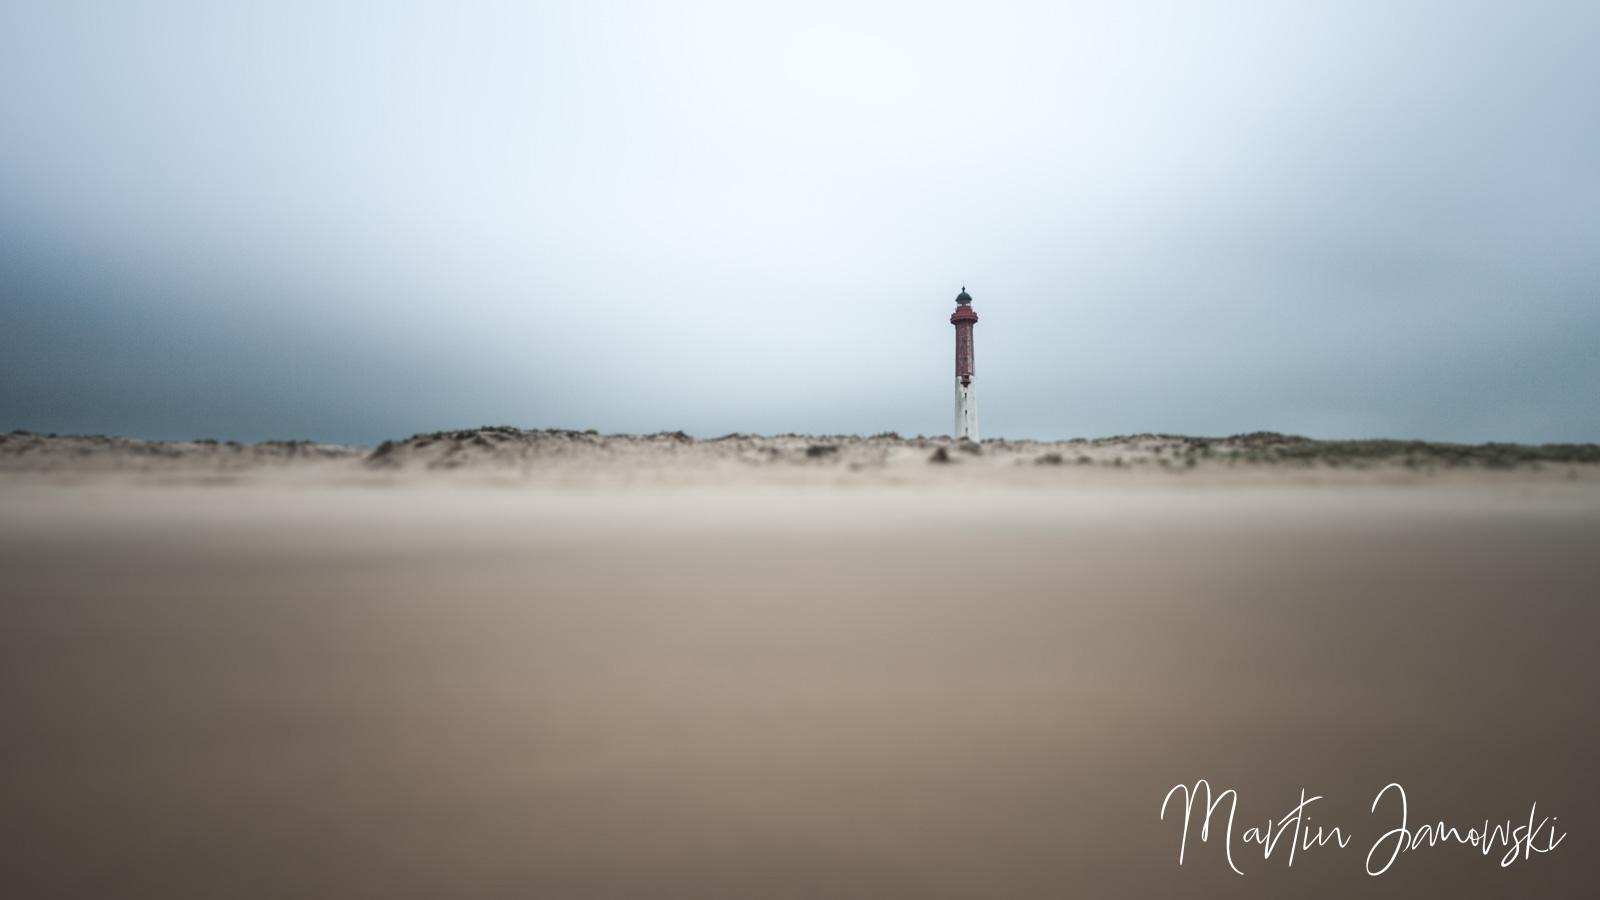 maann photography